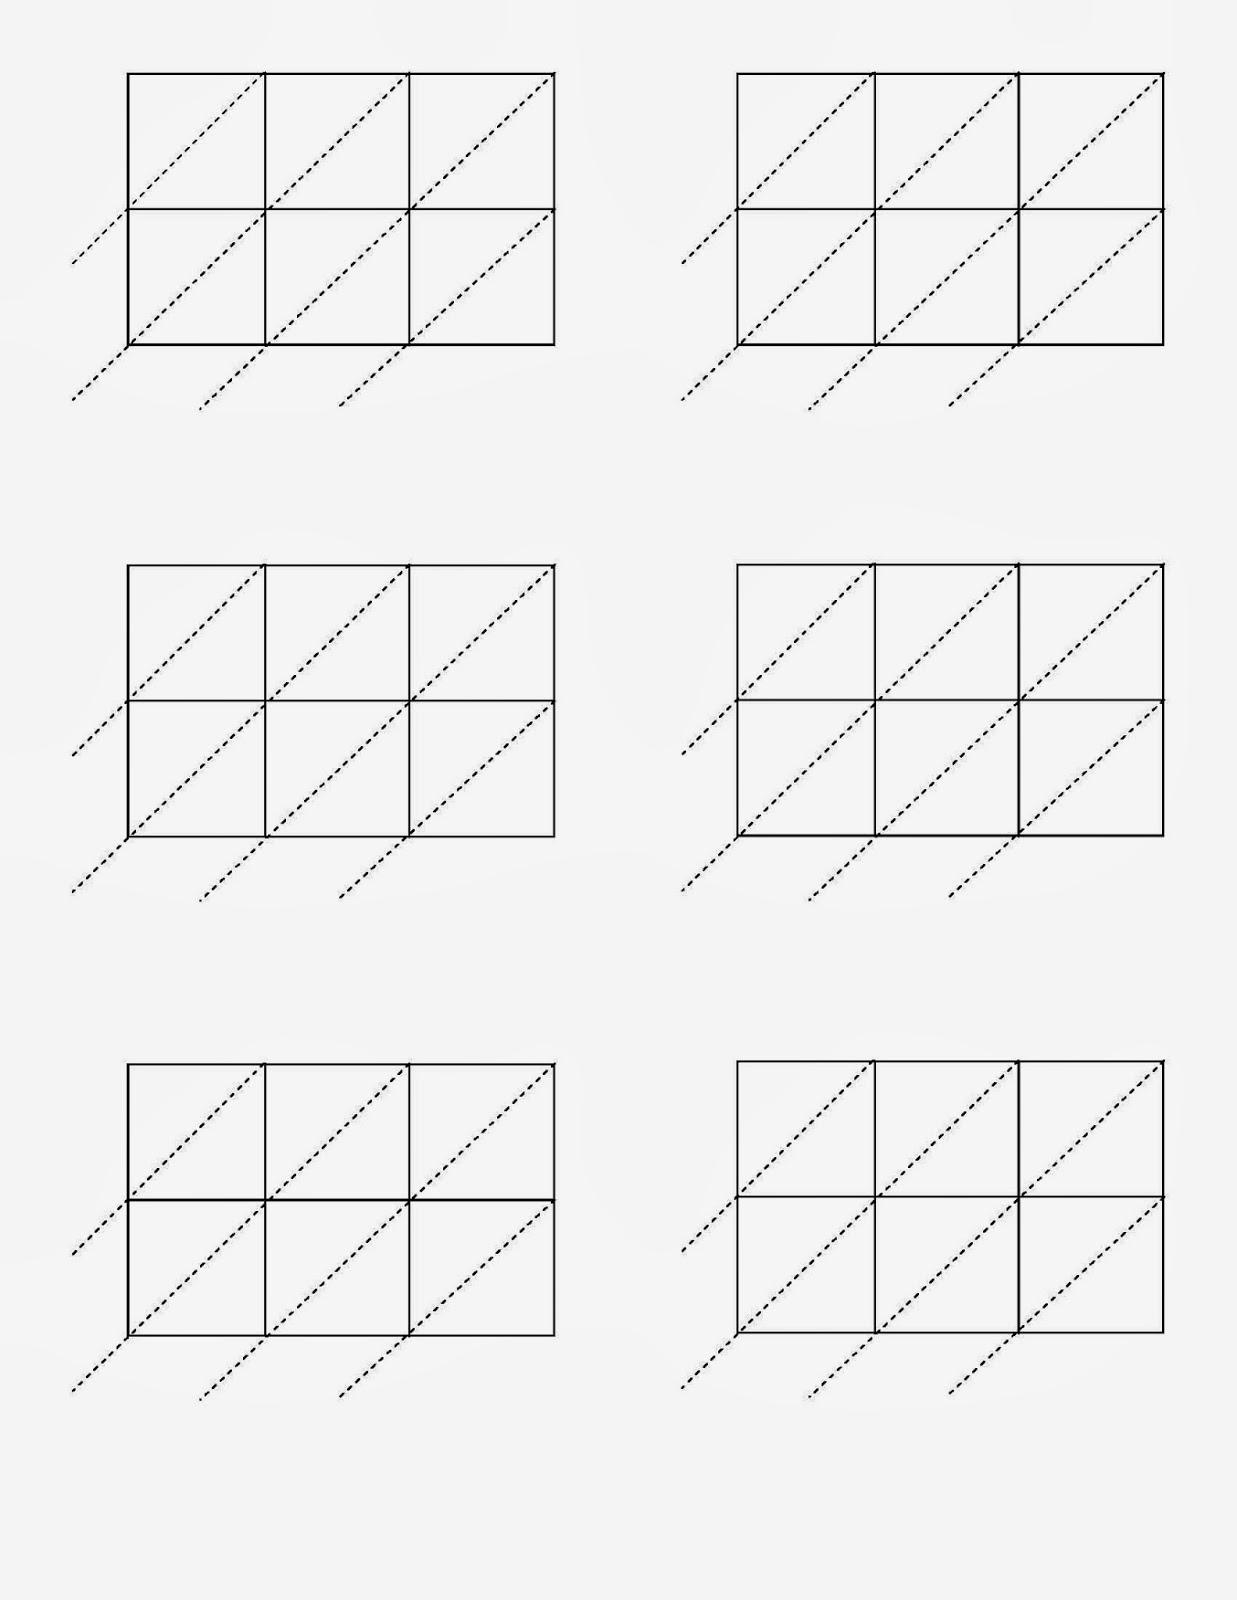 Blank Lattice Multiplication Worksheets & Lattice pertaining to Free Printable Lattice Multiplication Grids